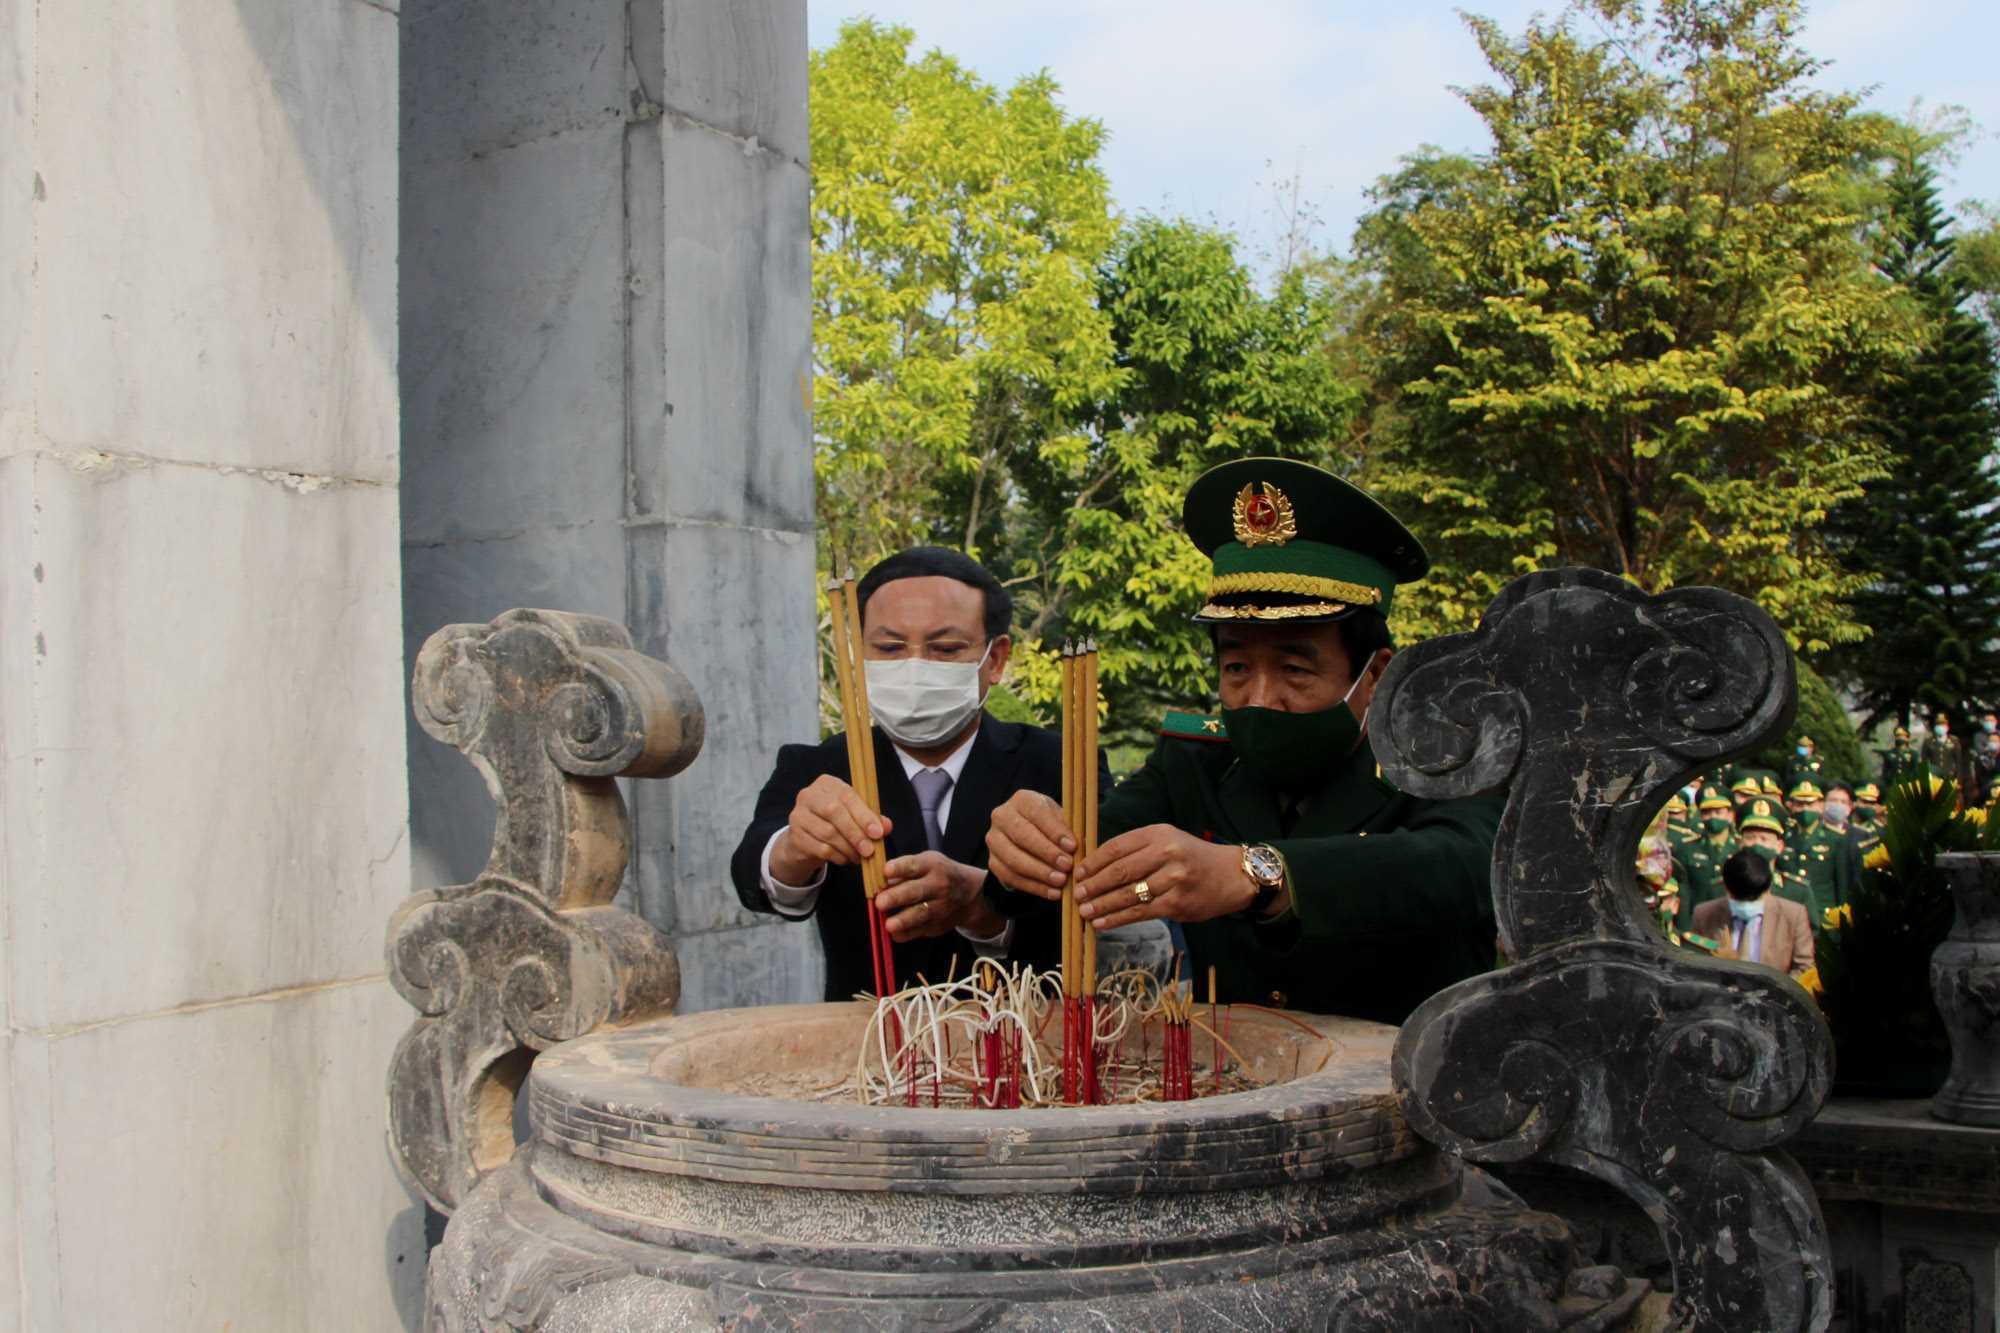 Dâng hương tưởng niệm các Anh hùng liệt sĩ bảo vệ biên giới phía Bắc